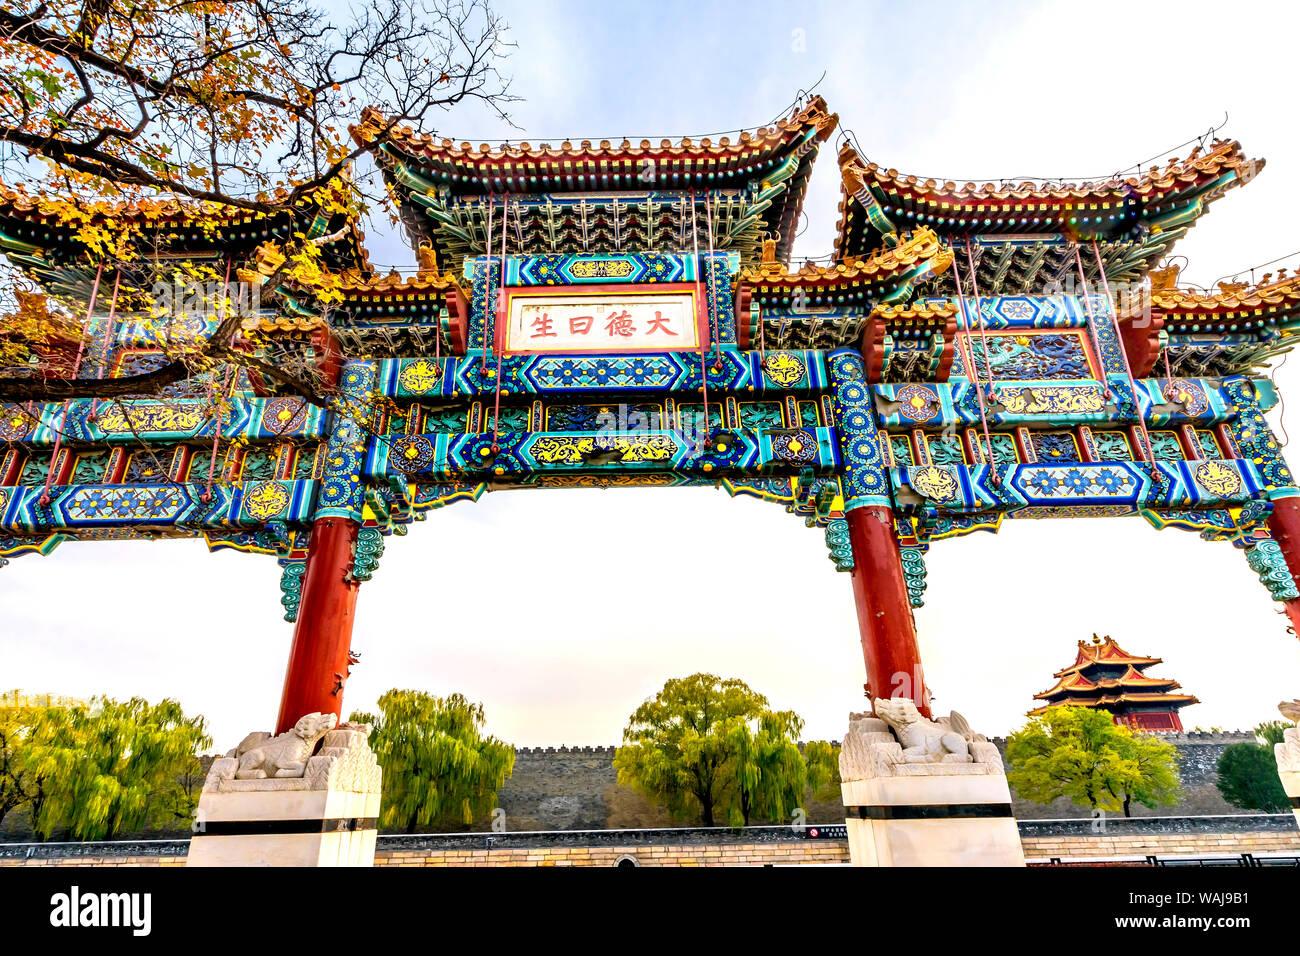 Kunstvollen chinesischen Tor Pfeil Wachtturm, Verbotene Stadt, Beijing, China. Der Kaiserpalast gebaut während der Ming Dynastie. Die englische Übersetzung der Chinesischen ist groß Moral Leben. Stockfoto